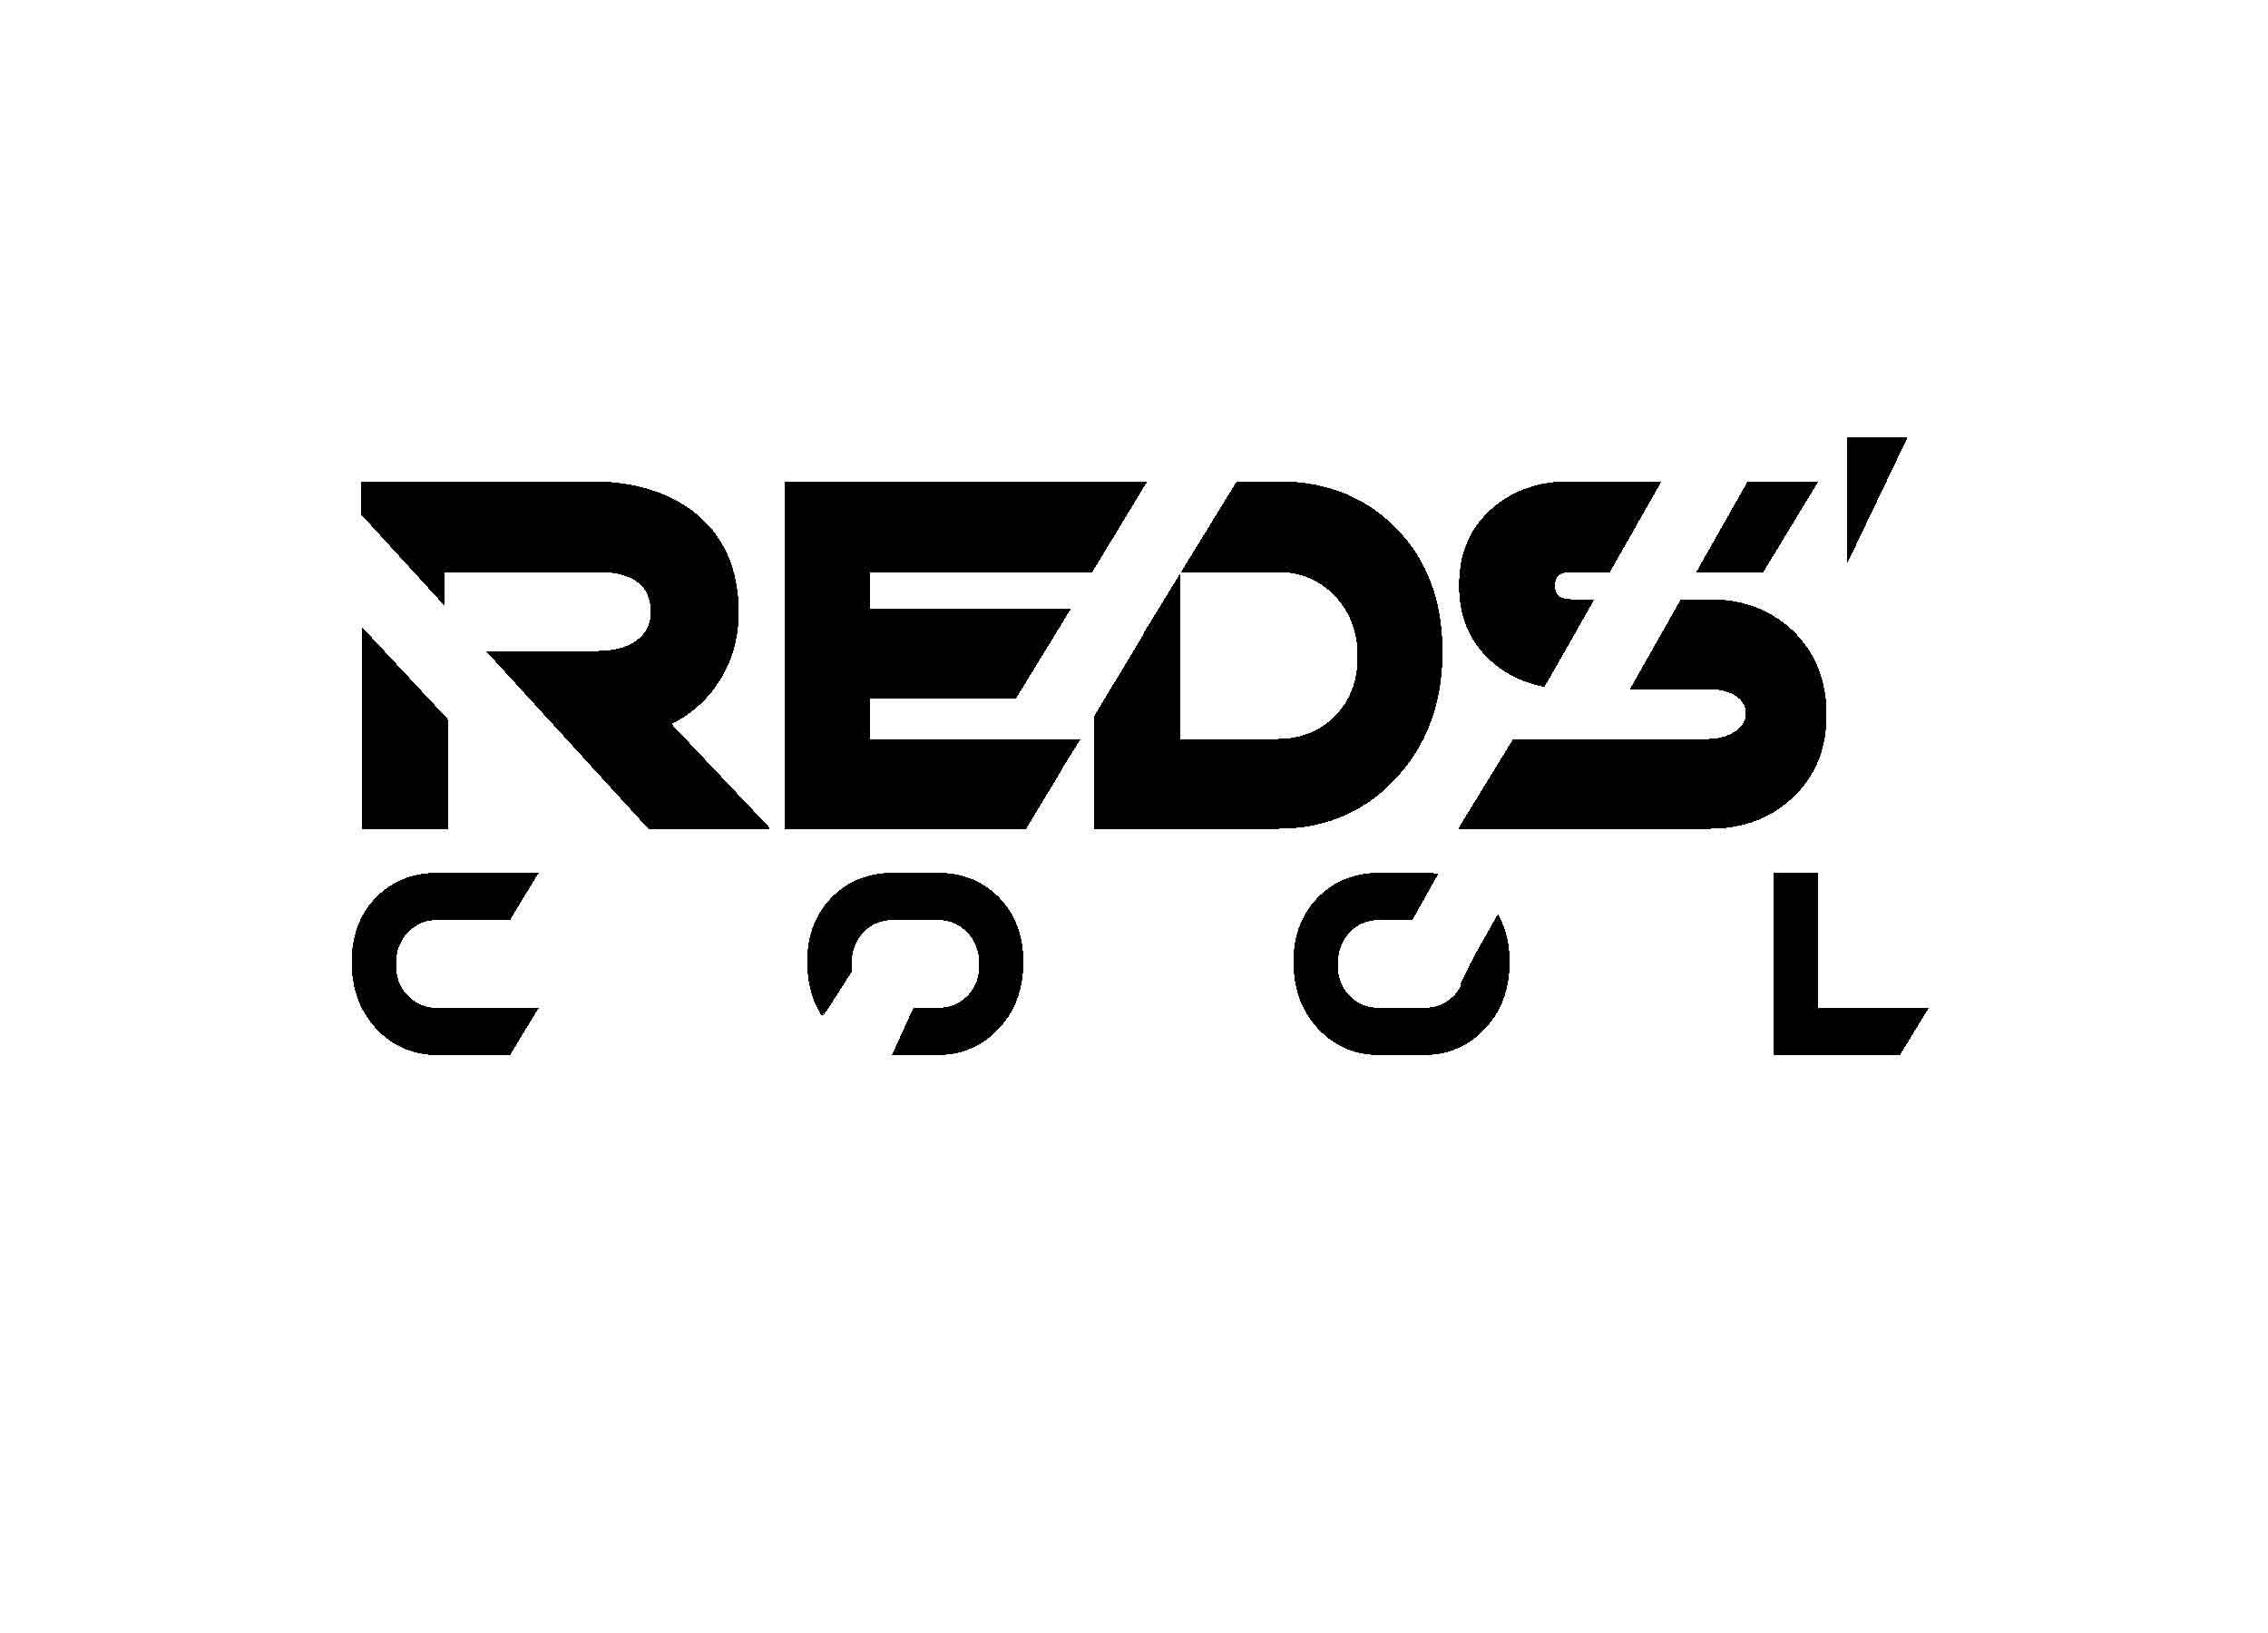 Логотип для музыкальной группы фото f_4785a56544c5d570.jpg